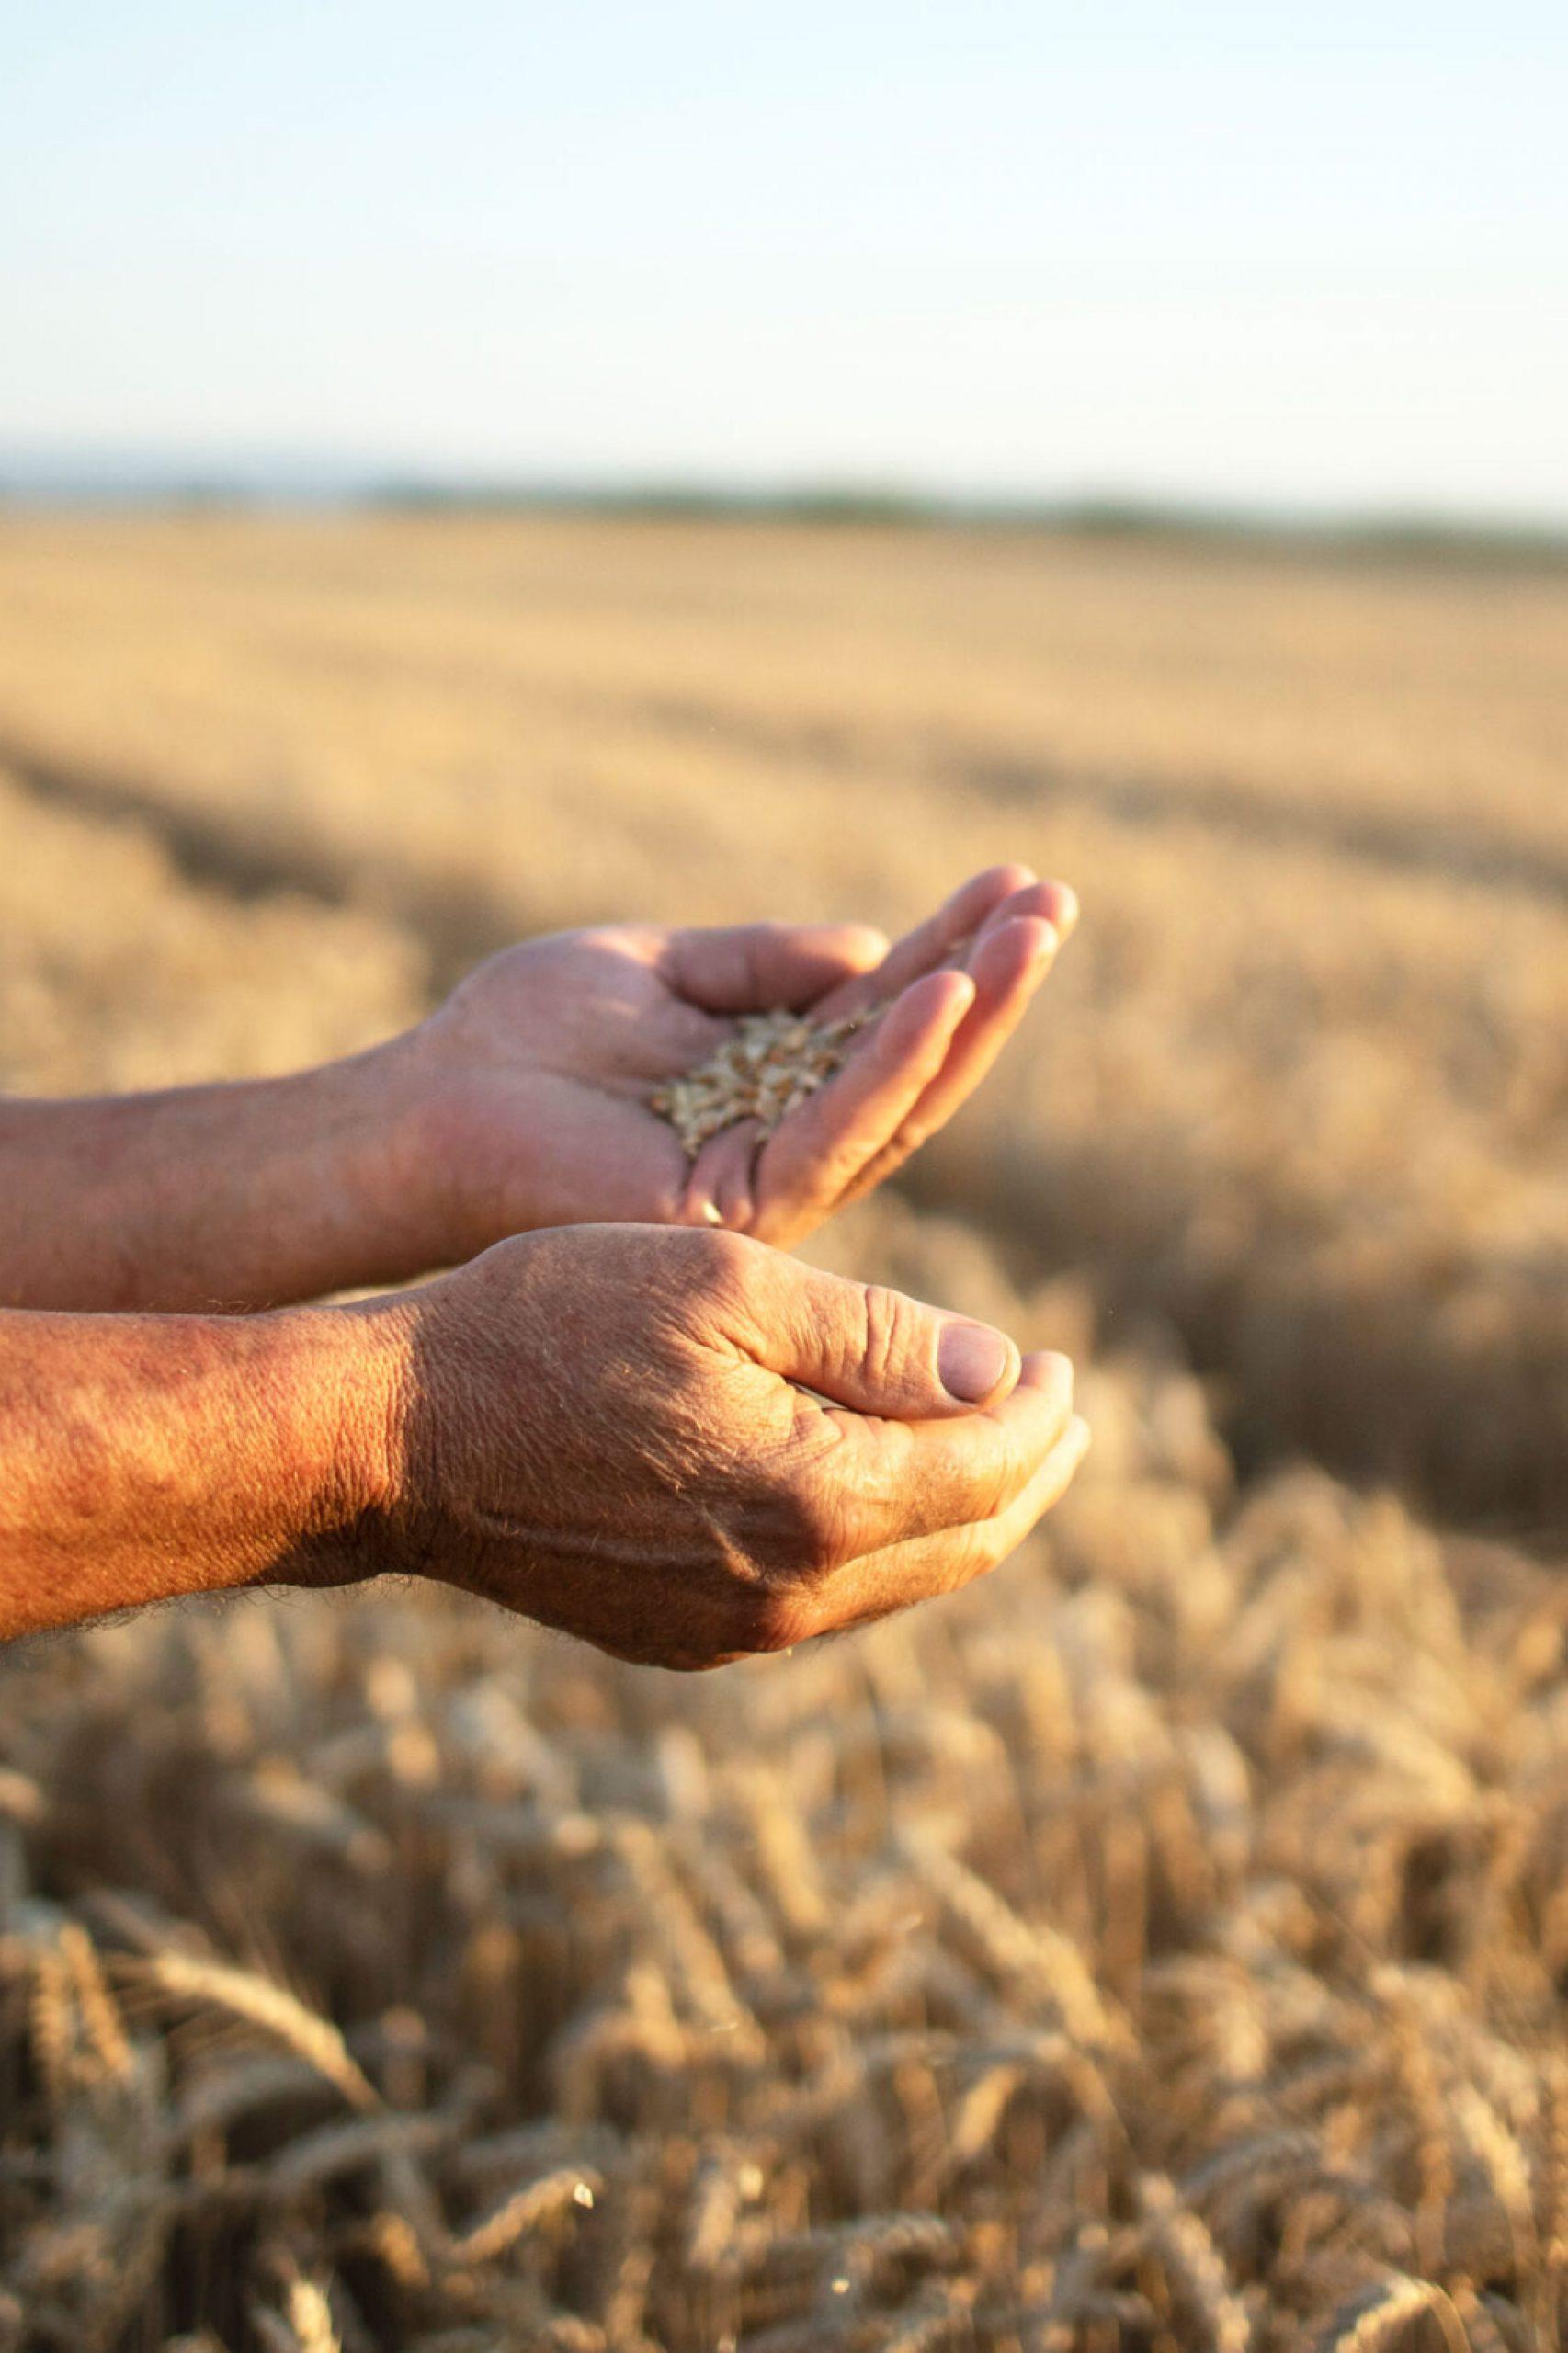 farmers-hands-wheat-crops-field